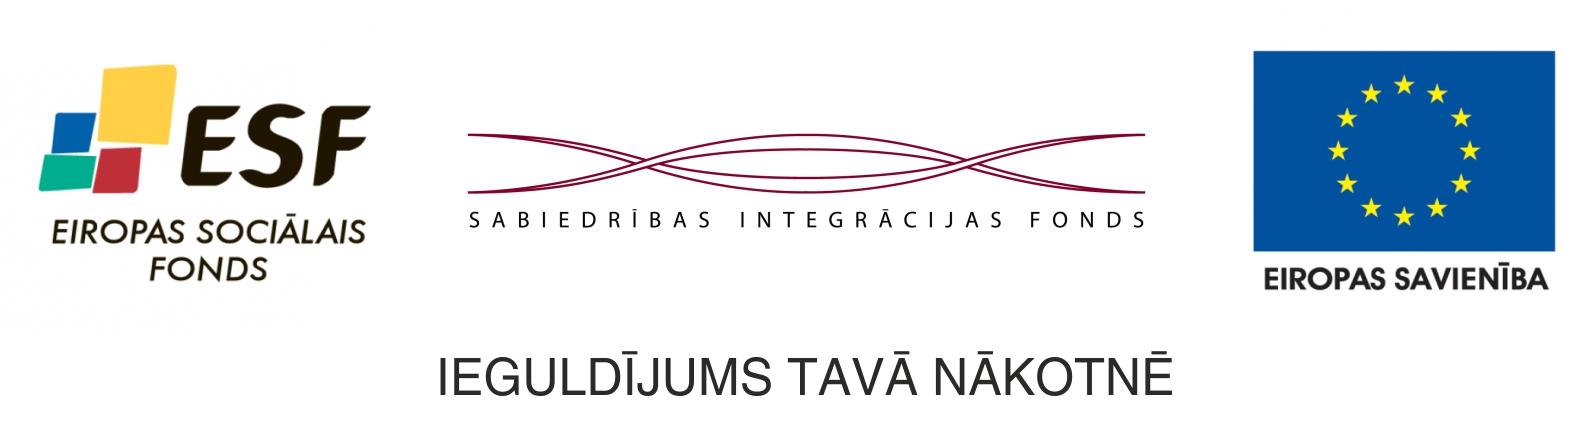 esf_sif_es_logo